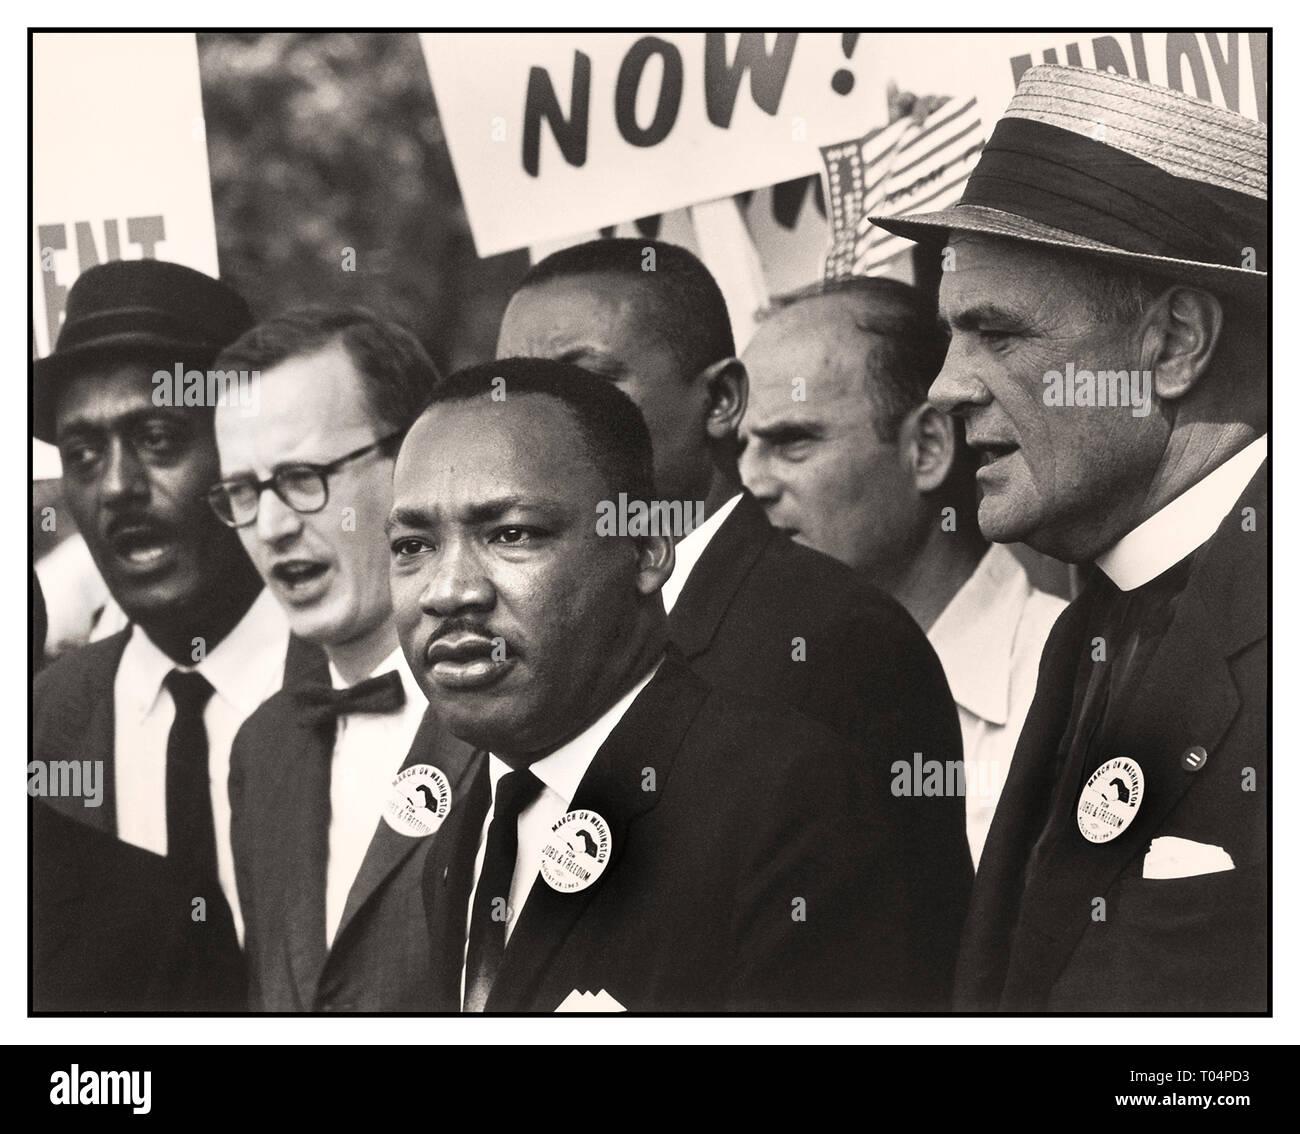 """DR Martin Luther King dei diritti civili' marzo su Washington, D.C.' per i posti di lavoro e la libertà"""". Il dott. Martin Luther King Jr e Mathew Ahmann con diritti civili manifestanti Washington DC USA 28 agosto 1963 data 28 agosto 1963 Foto Stock"""